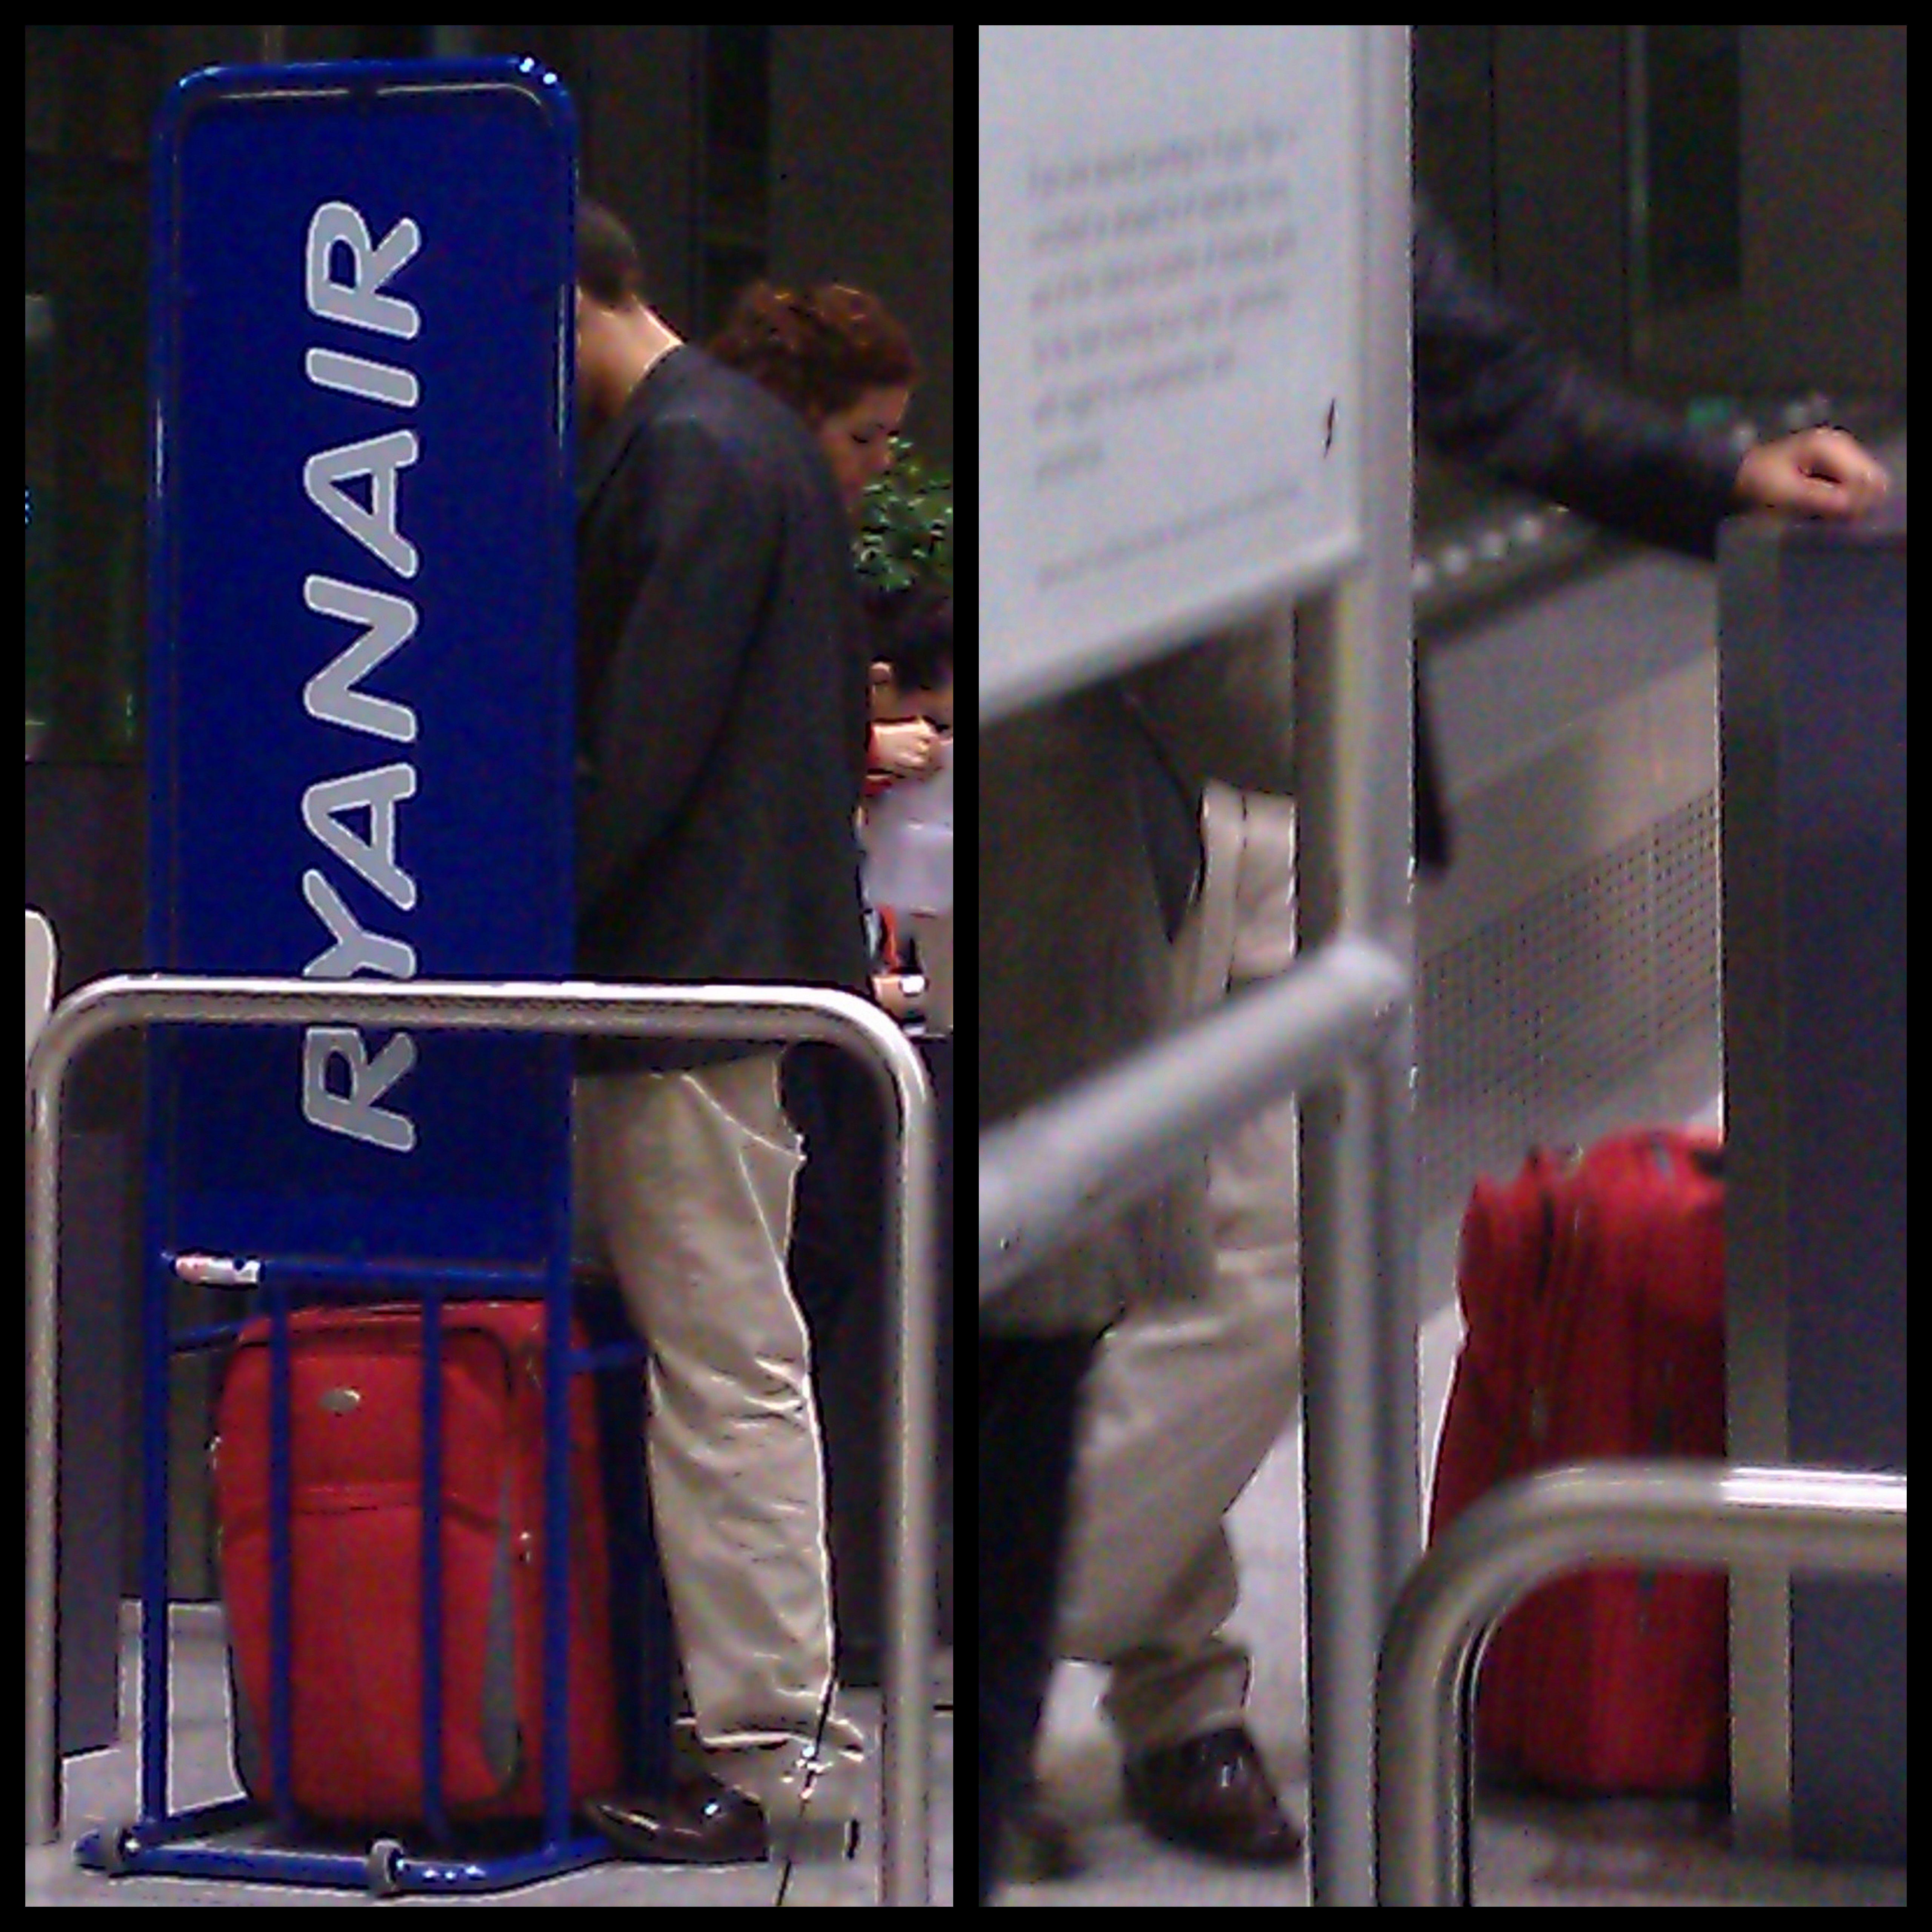 Un pasajero de Ryanair obligado a pagar una tarifa, a pesar de su equipaje